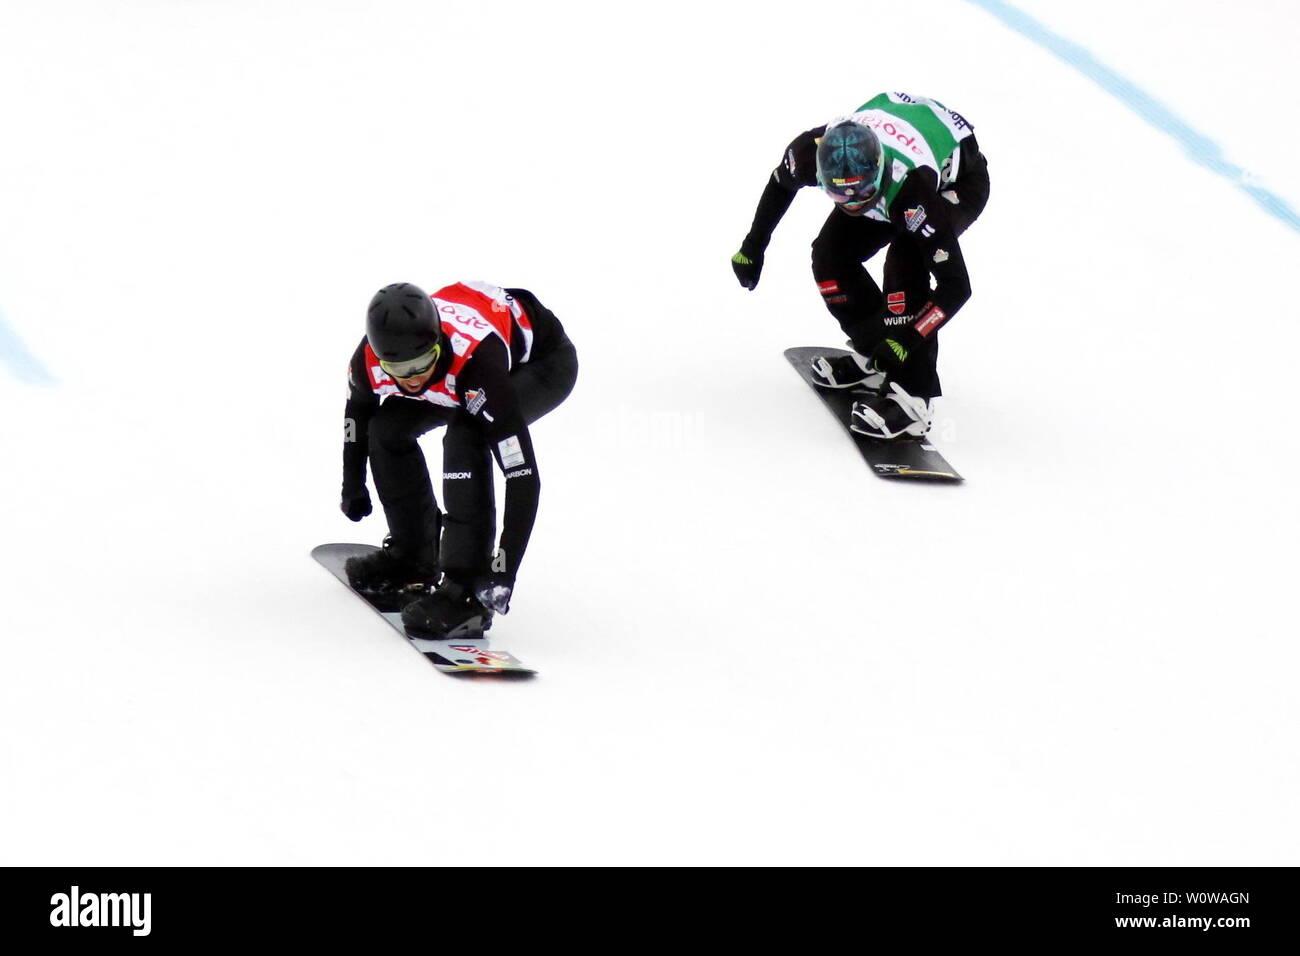 Zieleinlauf: BOLTON Cameron(Australien AUS) vor dem Zweitplatzierten Paul Berg (SC Konstanz GER),   FIS-Weltcup Einzel Snowboard Cross SBX Feldberg - Stock Image